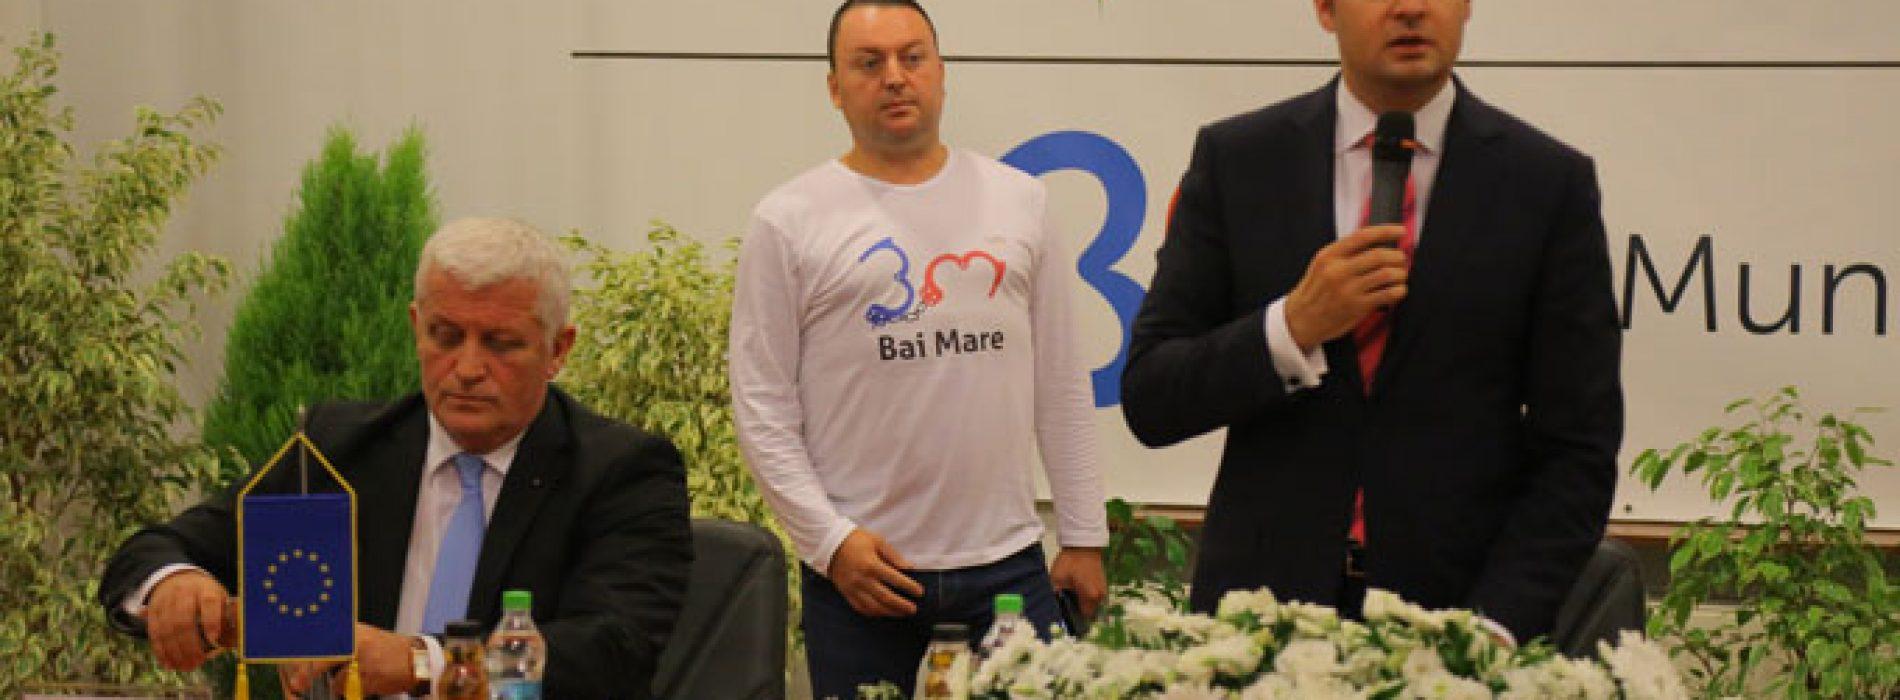 FALS în declarații și CORUPEREA alegătorilor, noi ACUZAȚII, nou DOSAR pe numele COLECȚIONARULUI de INFRACȚIUNI, Cătălin Cherecheș